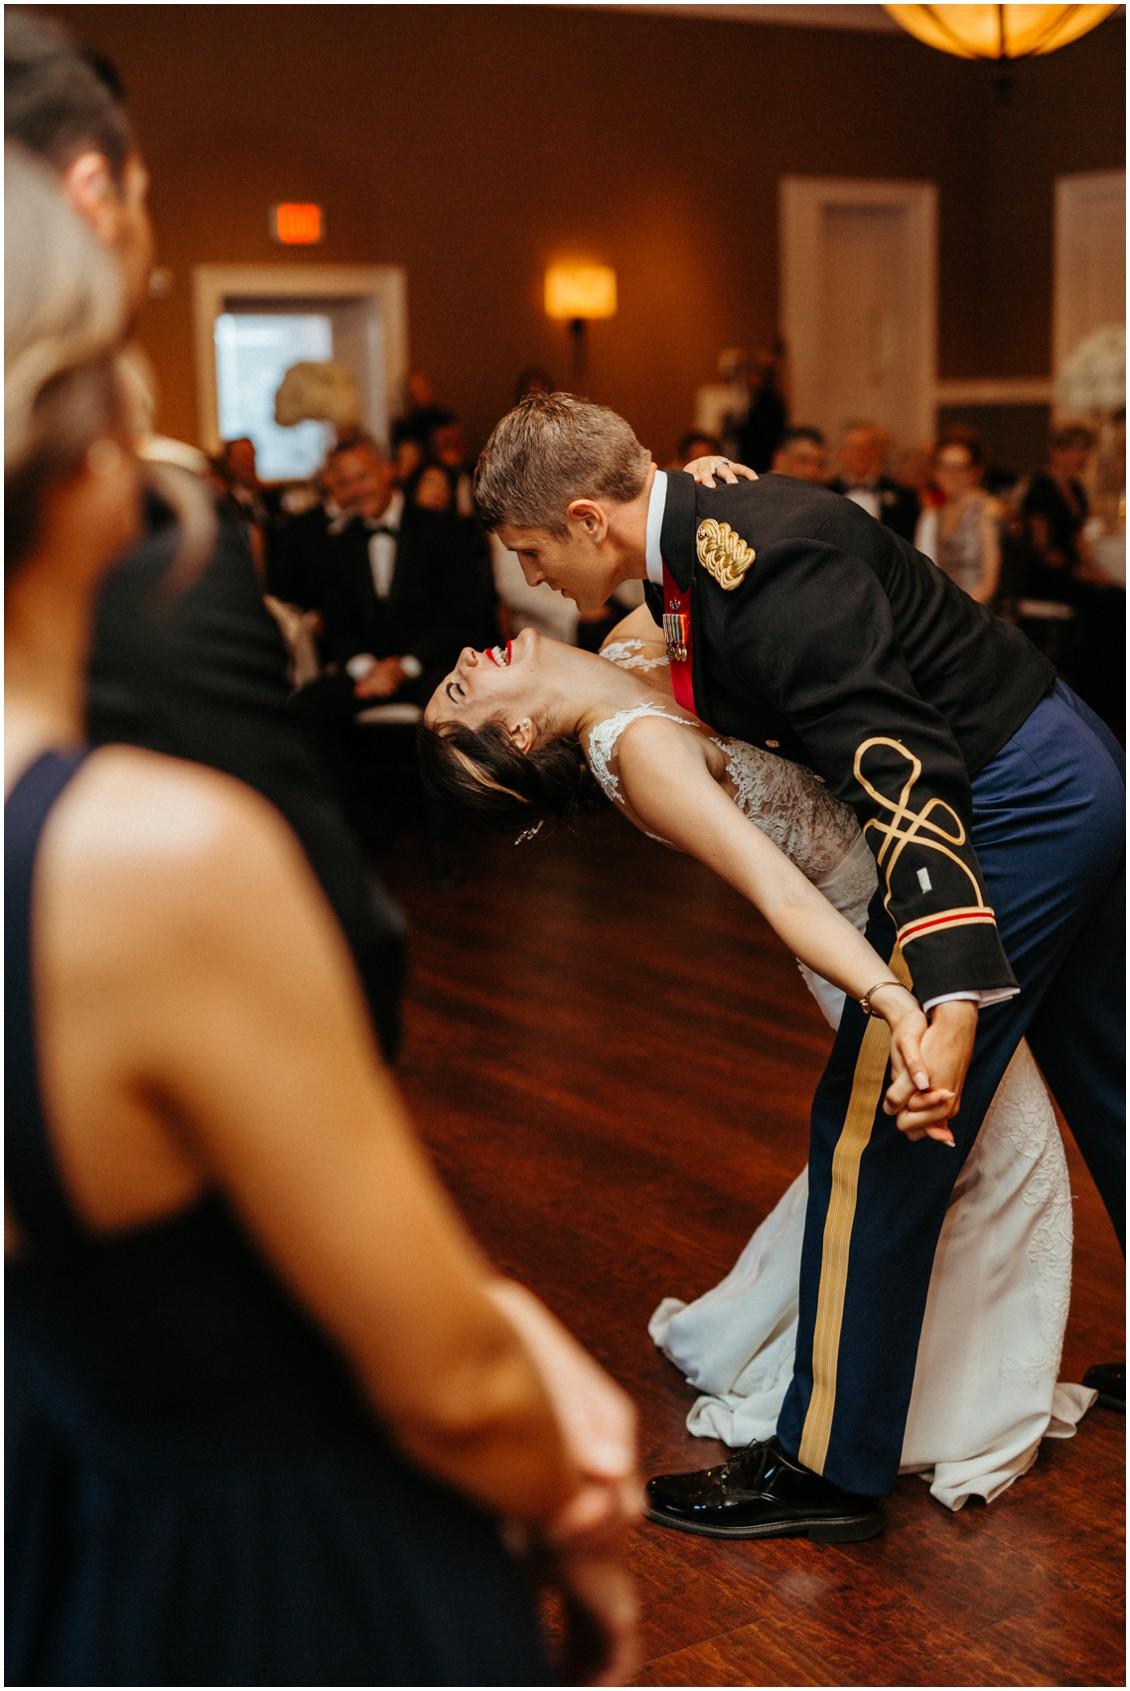 Bride and groom dancing, groom dips bride. | My Eastern Shore Wedding |